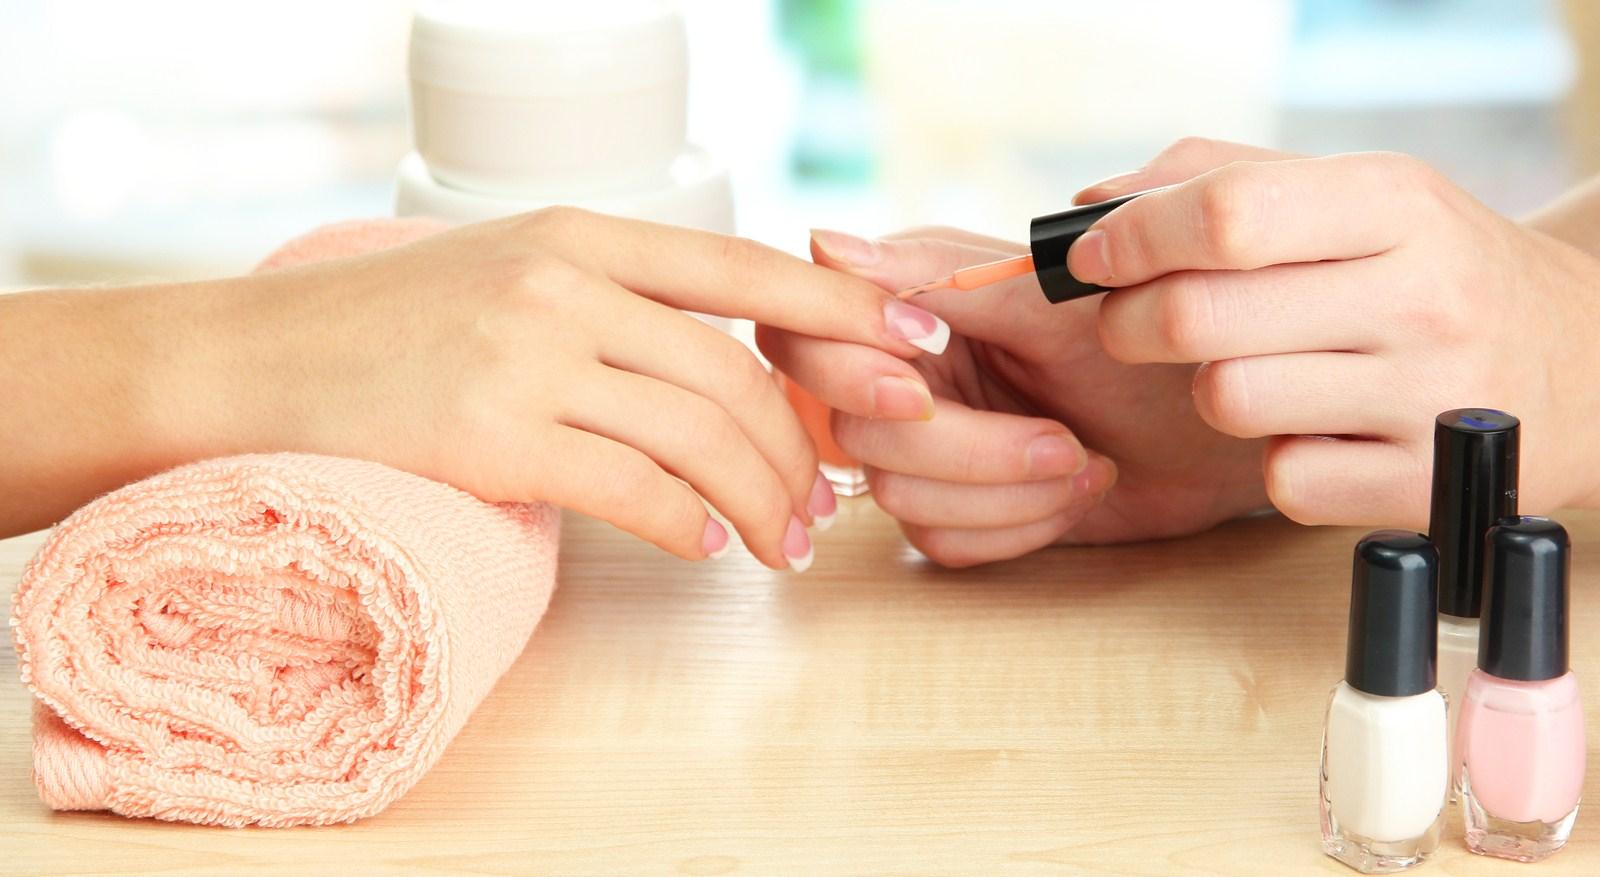 bigstock-Manicure-process-in-beauty-sal-38913112